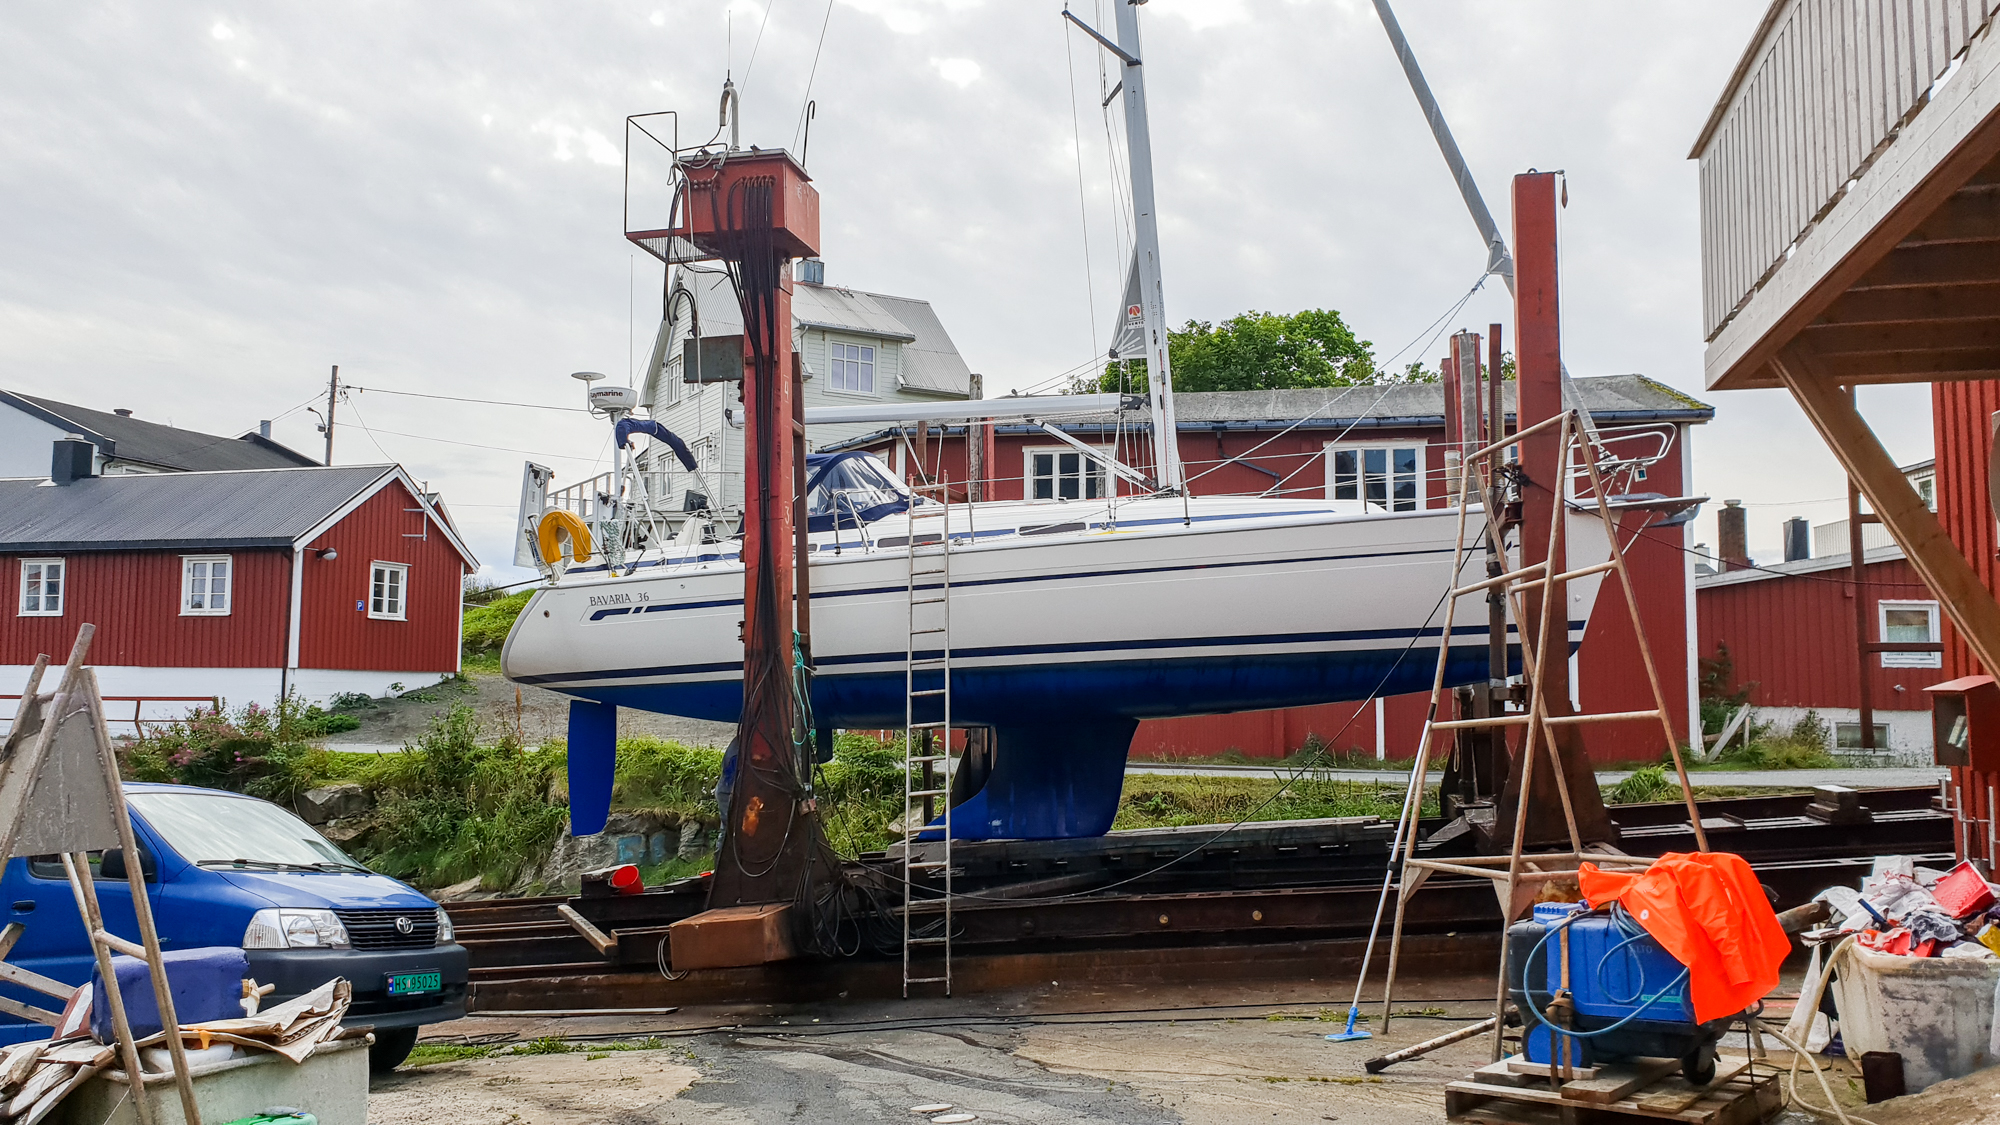 яхта в Хеннингсвер